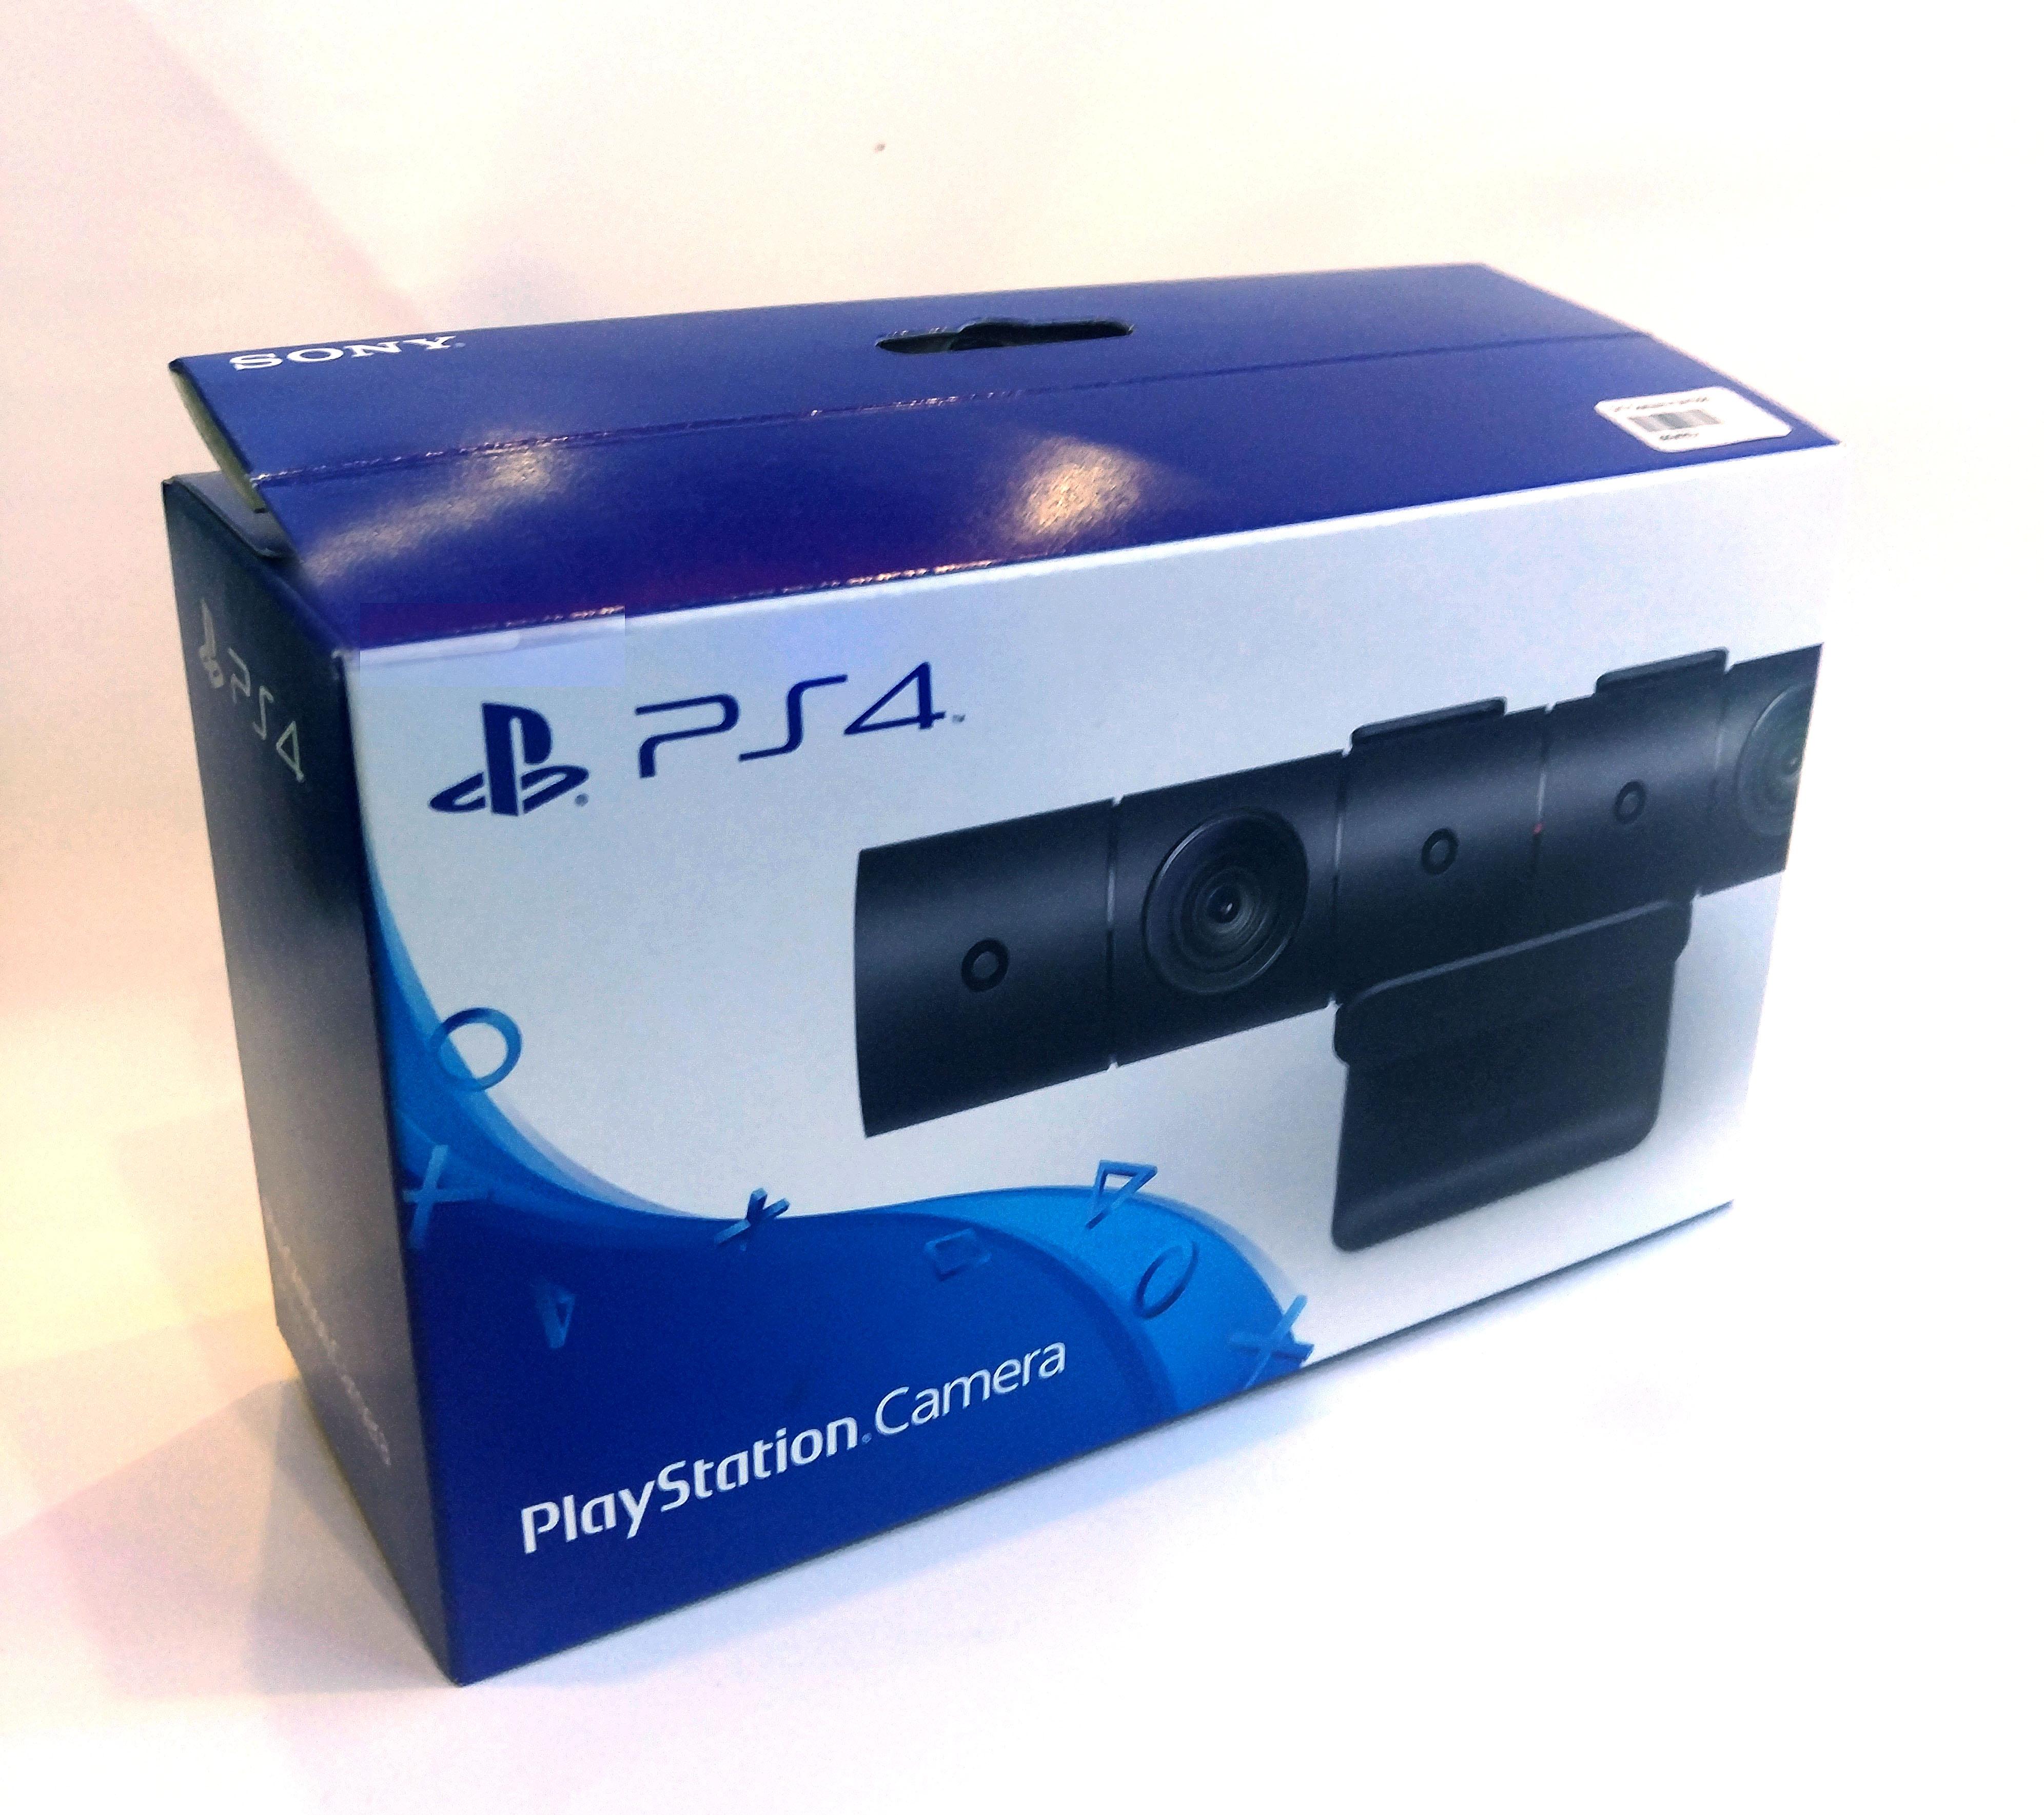 PS4 NEW PLAYSTATION CAMERA